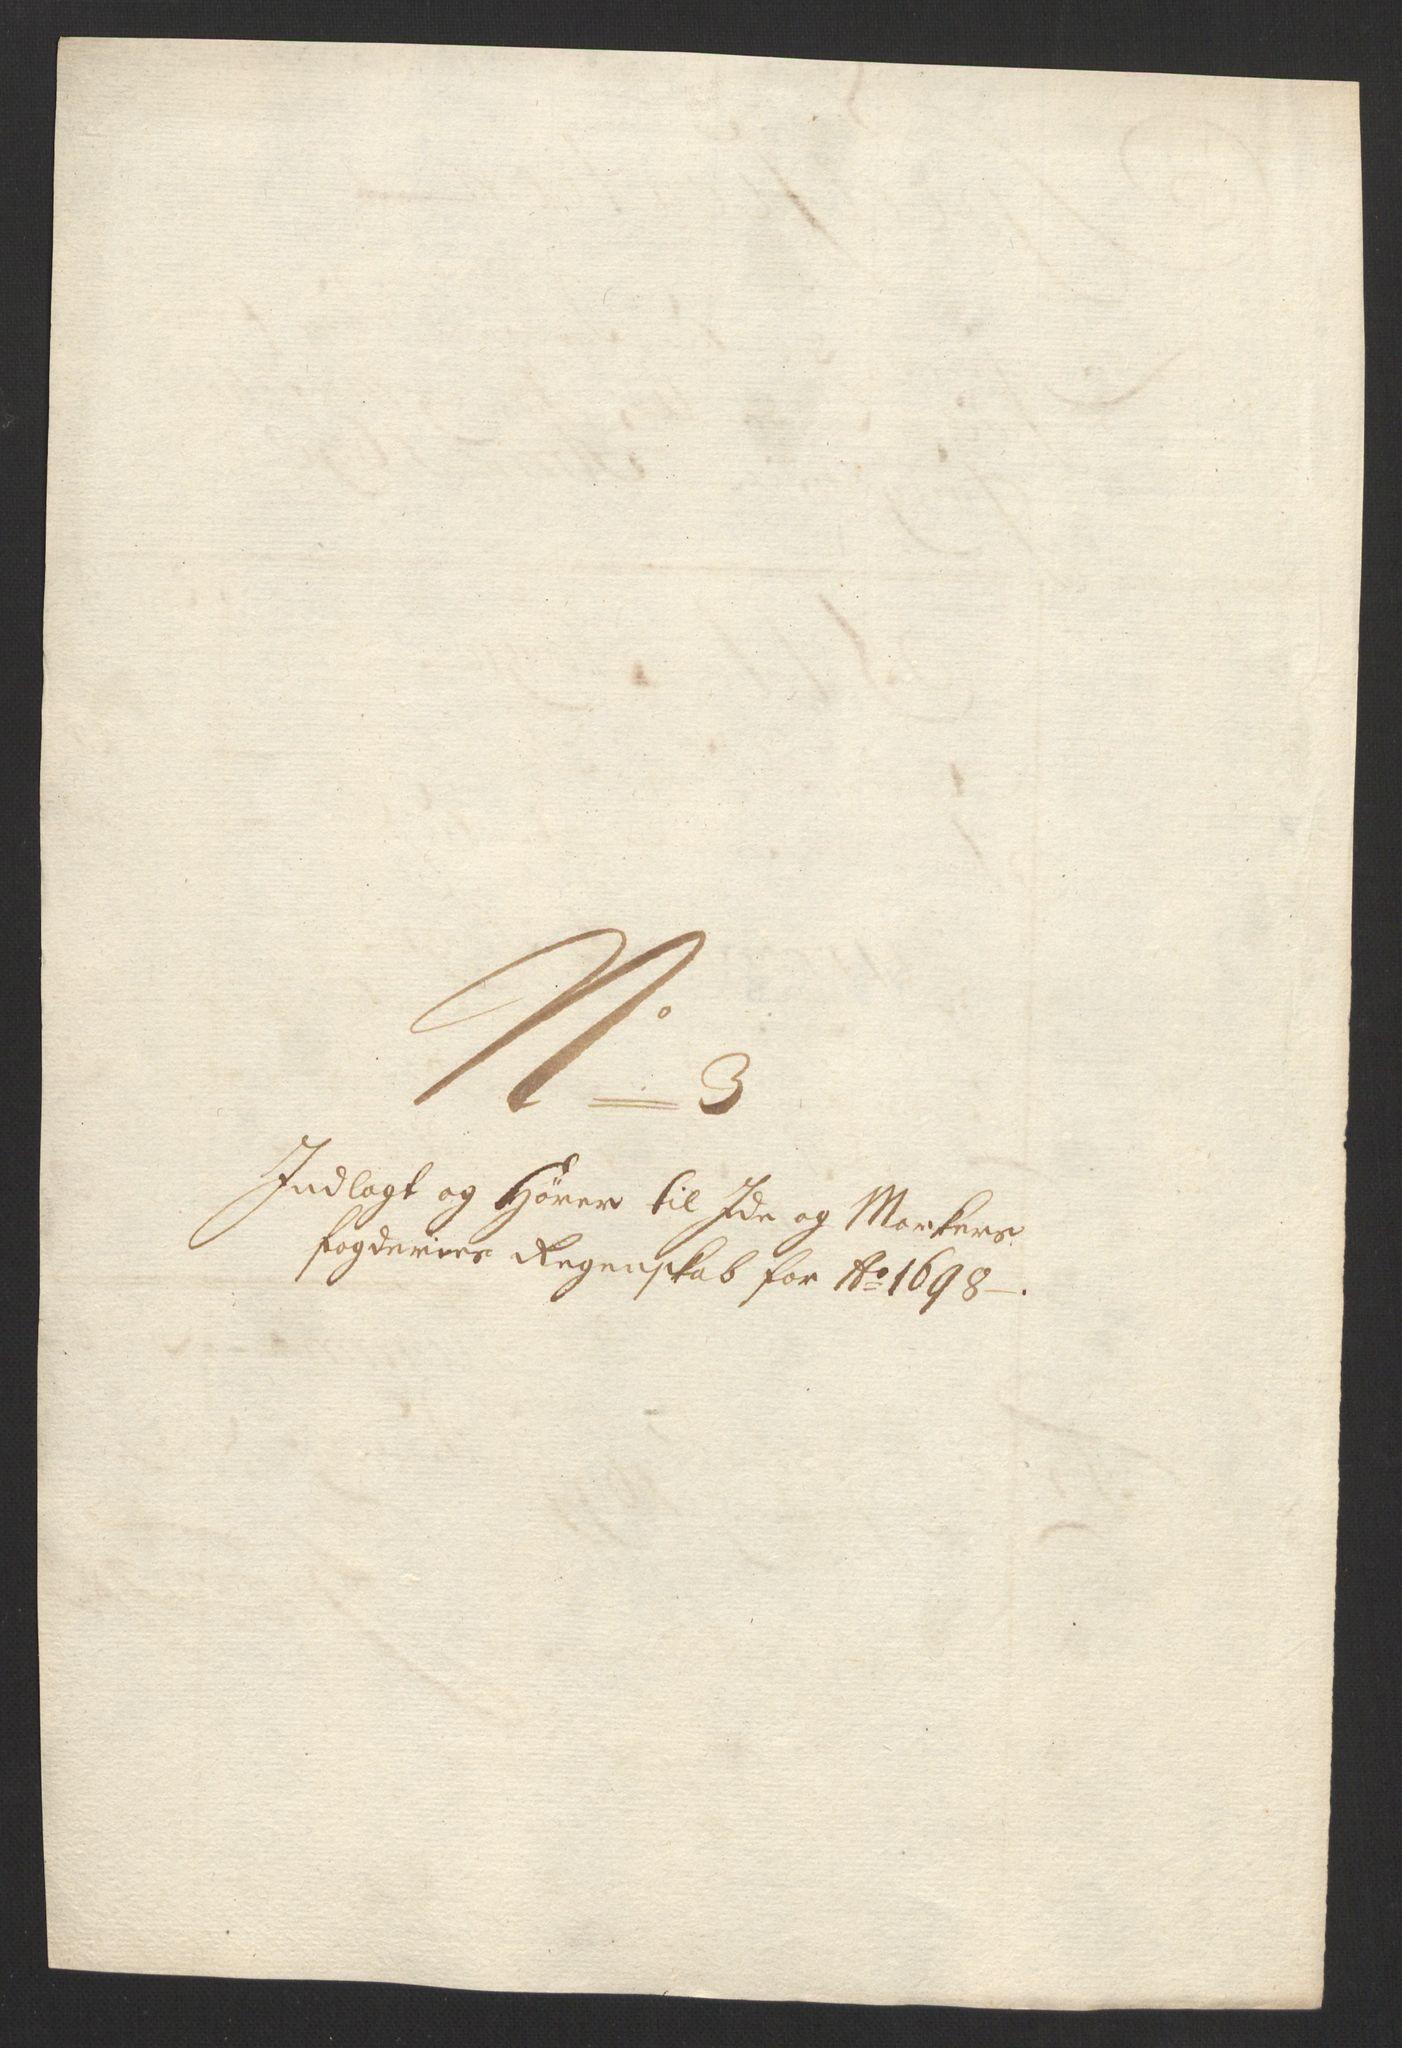 RA, Rentekammeret inntil 1814, Reviderte regnskaper, Fogderegnskap, R01/L0013: Fogderegnskap Idd og Marker, 1696-1698, s. 338